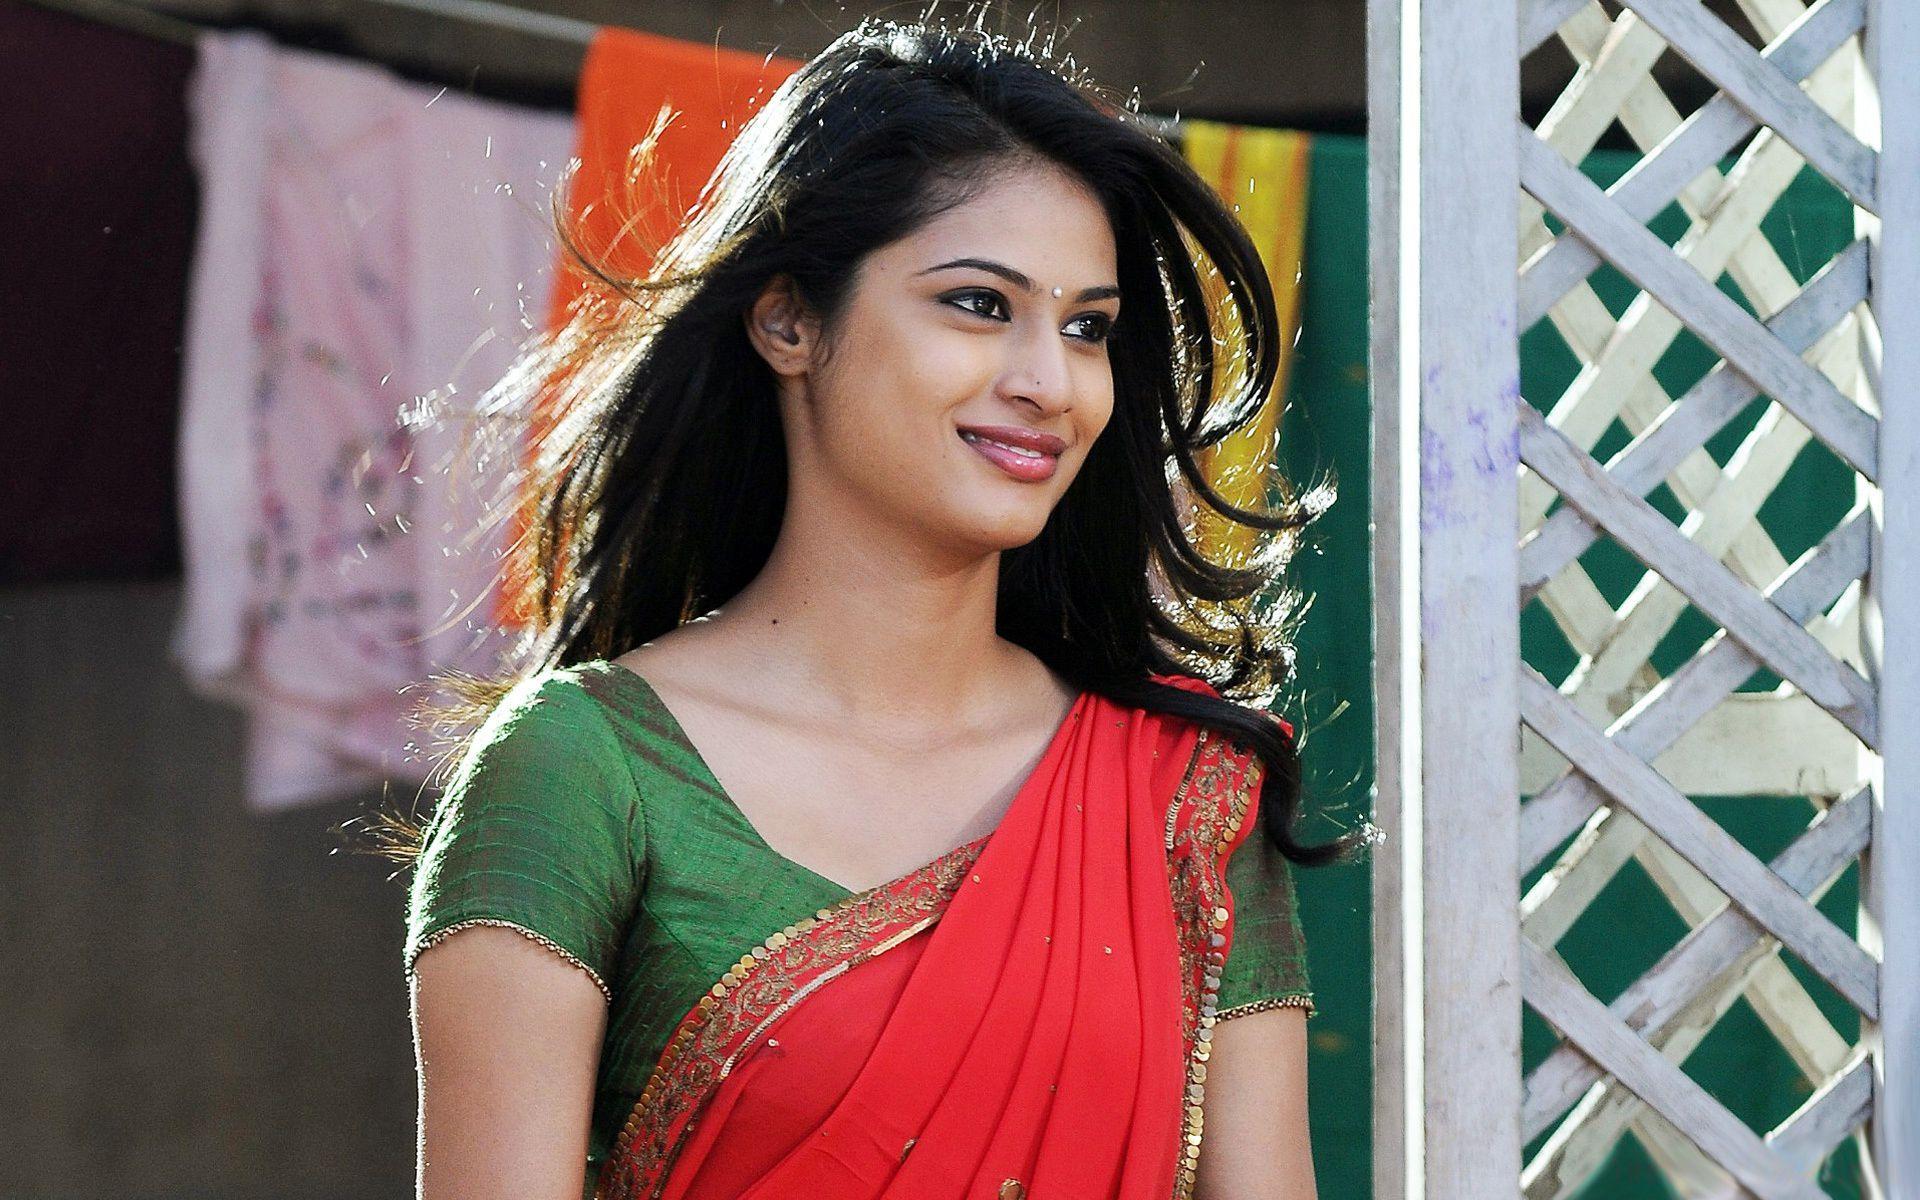 Telugu Heroine Hd Wallpapers Top Free Telugu Heroine Hd